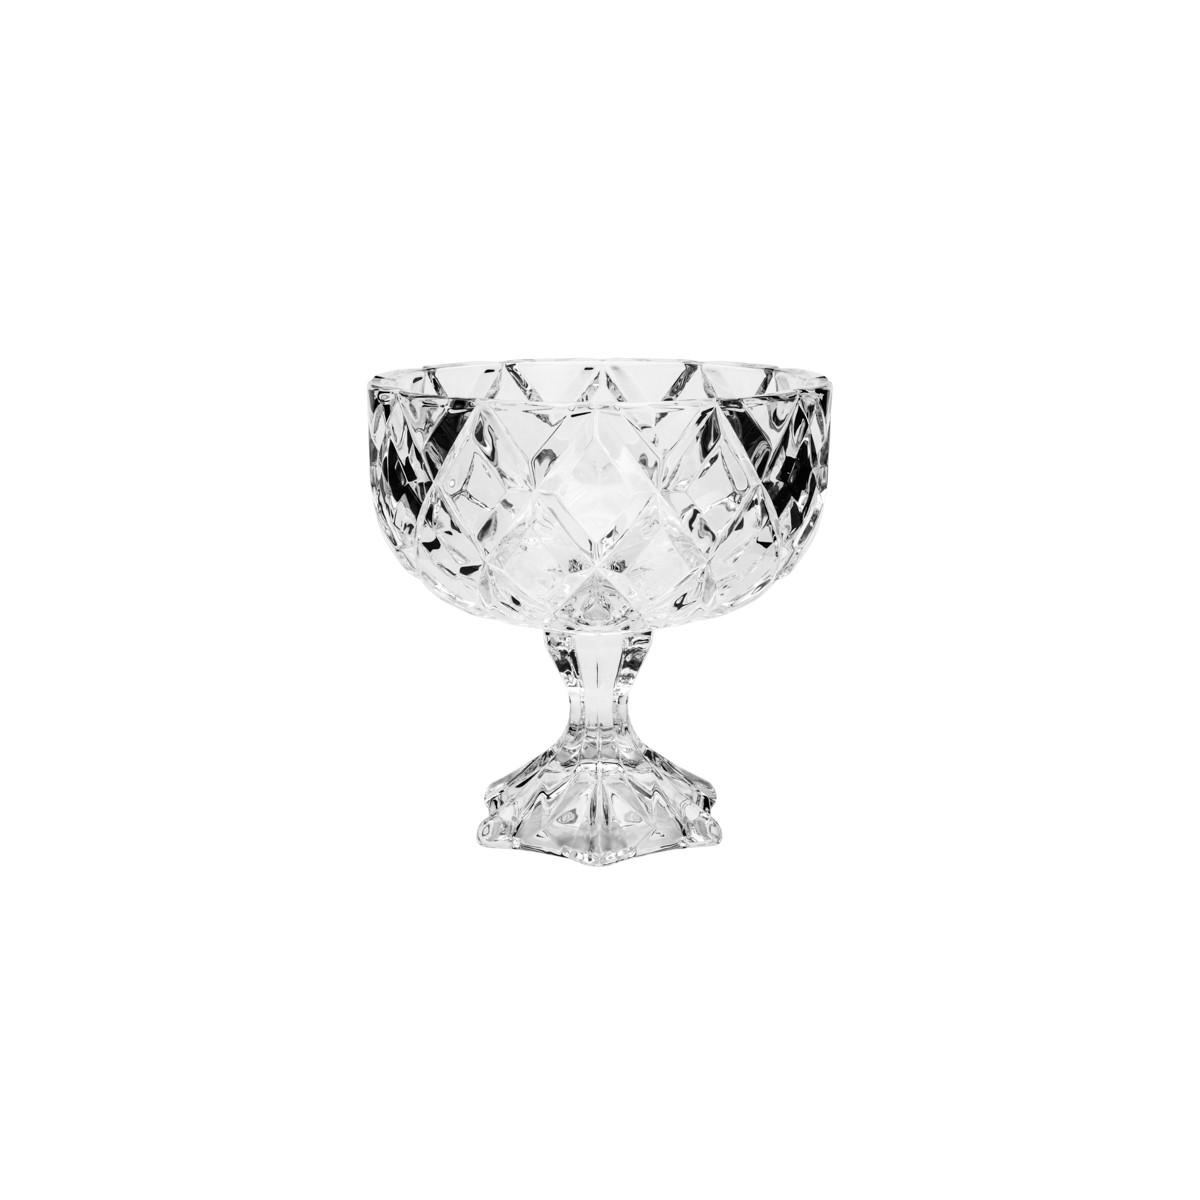 Centro de Mesa Com Pé de Cristal de Chumbo Deli 18 x 18 cm